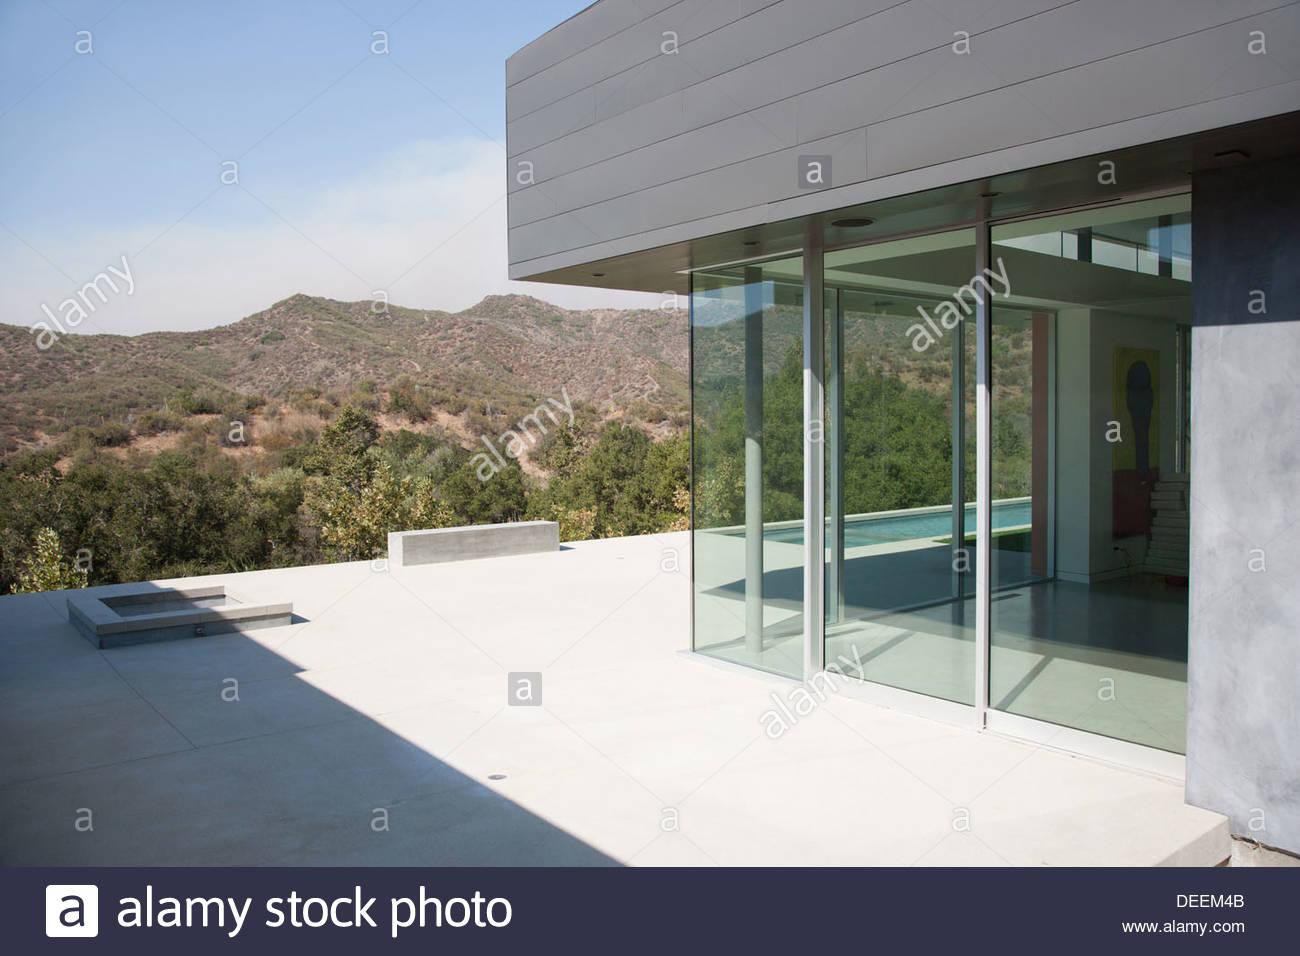 Esterno della casa moderna foto immagine stock 60559419 for Esterno casa moderna